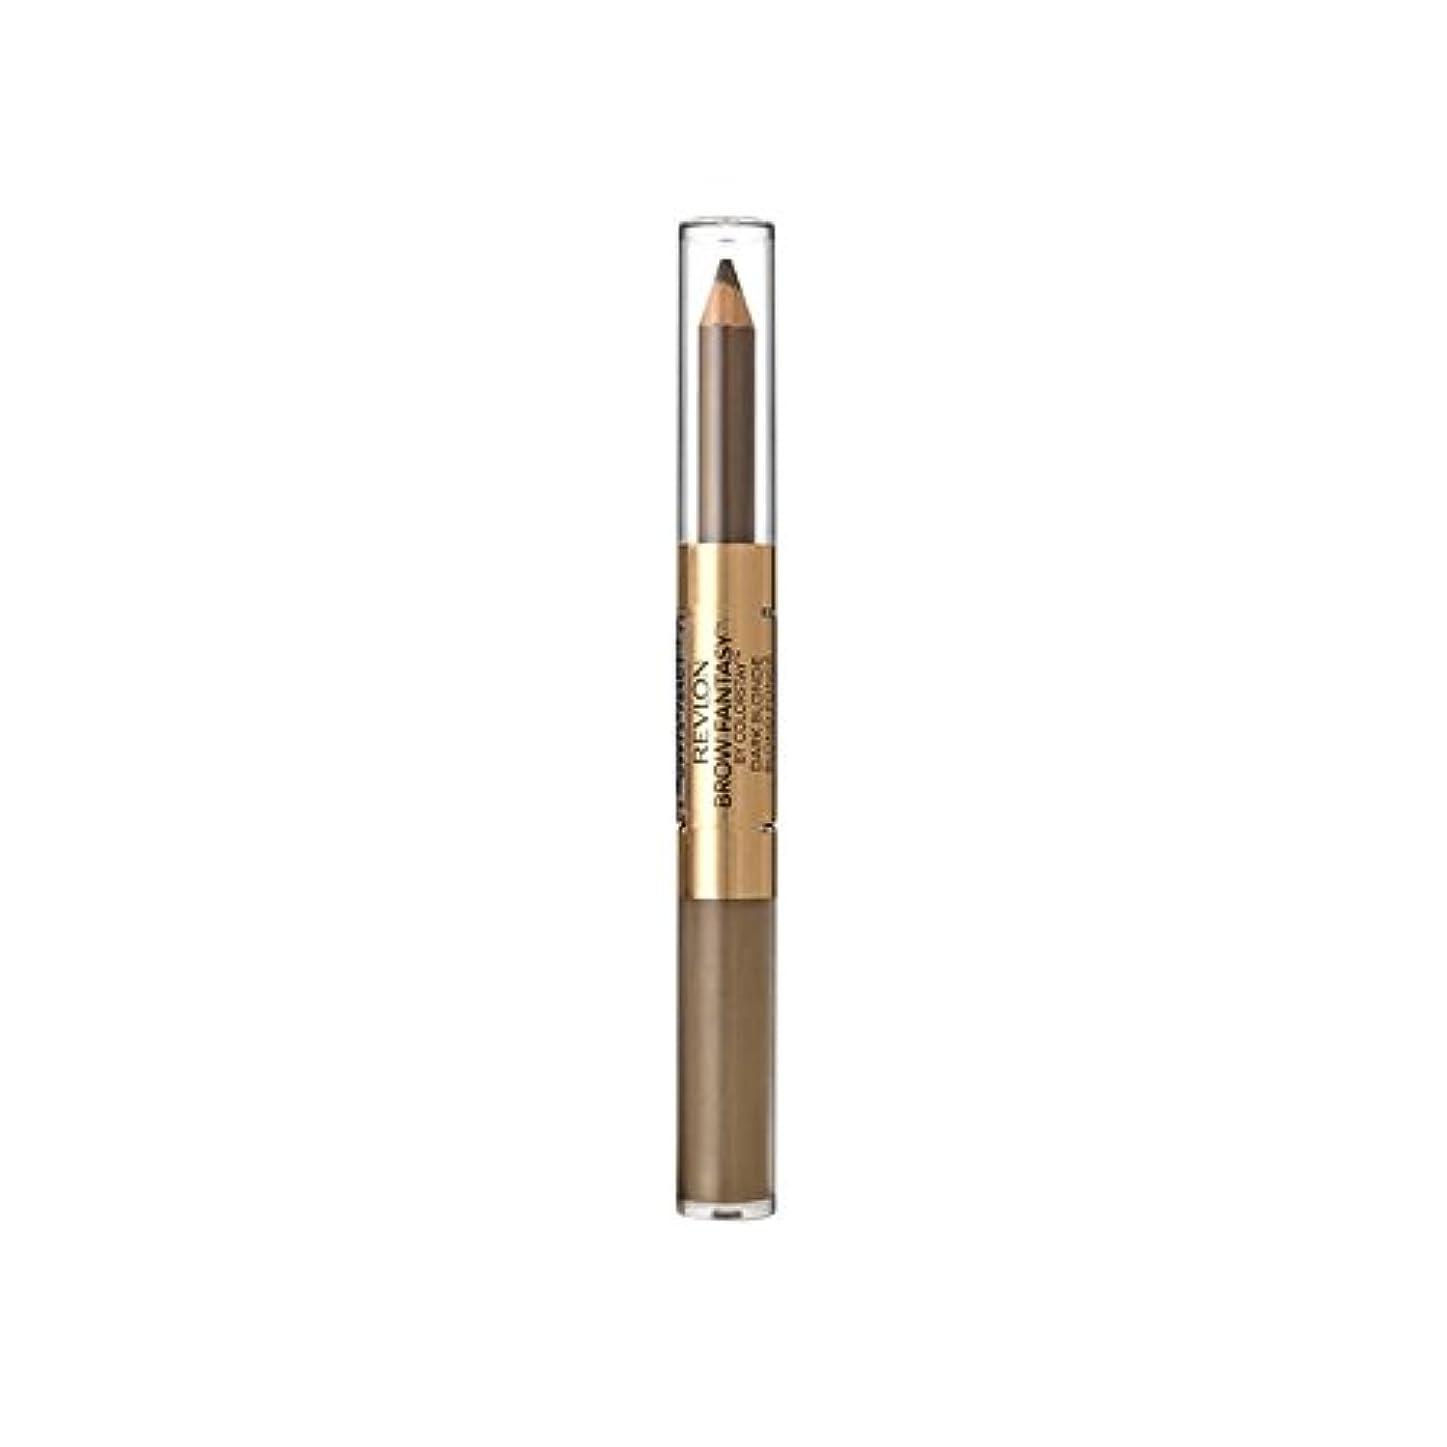 質素な代数的撤回するRevlon Brow Gel Pencil Dark Blonde (Pack of 6) - レブロンの眉ゲルペンシルダークブロンド x6 [並行輸入品]